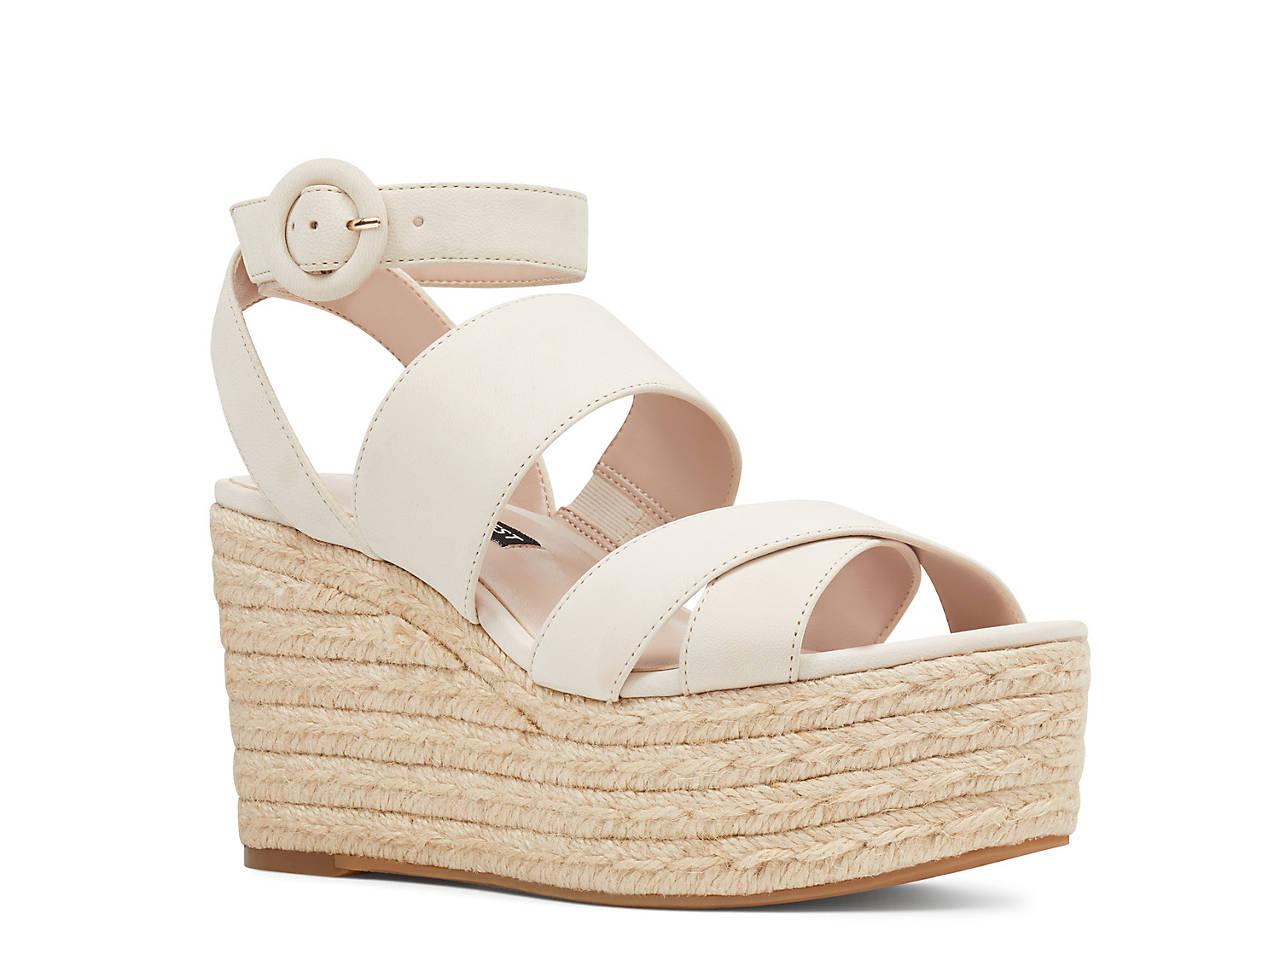 b0ddb7860cf3 Nine West Kushala Espadrille Wedge Sandal Women s Shoes